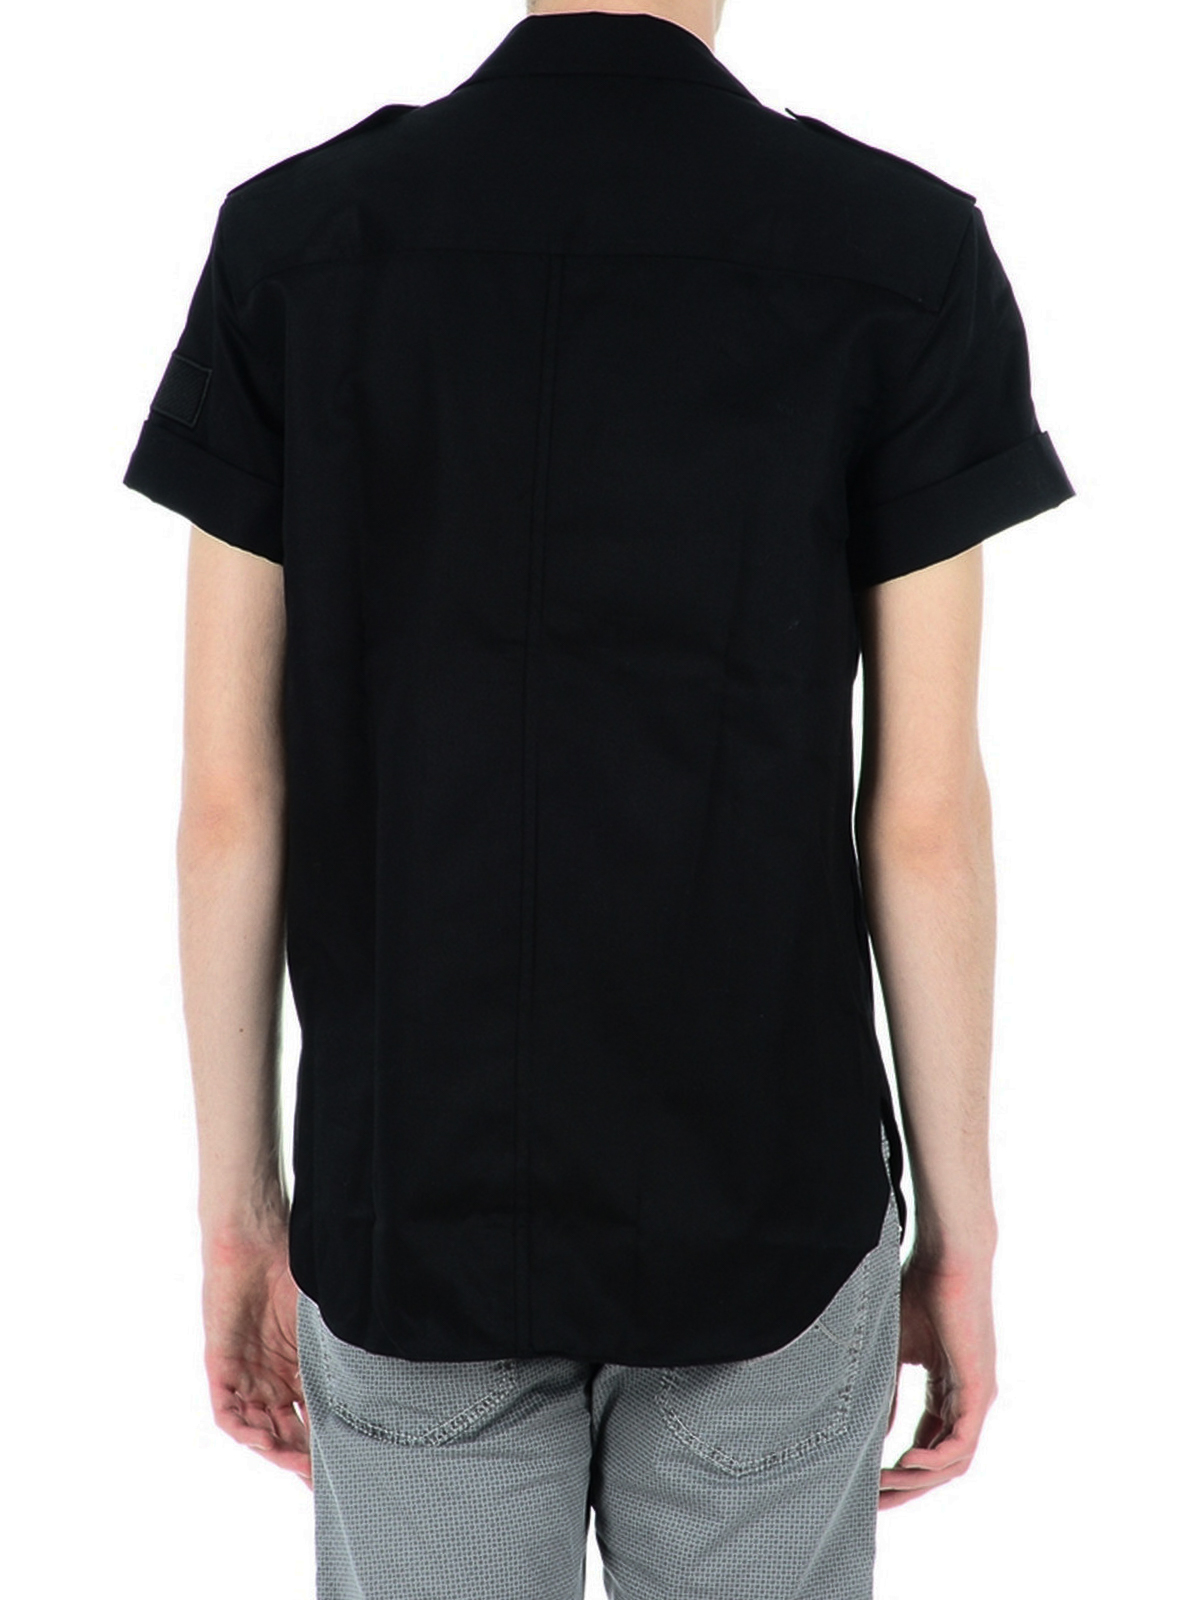 2f97fd97354bb Neil Barrett - Camisa Negra Para Hombre - Camisas - BCM679E08001